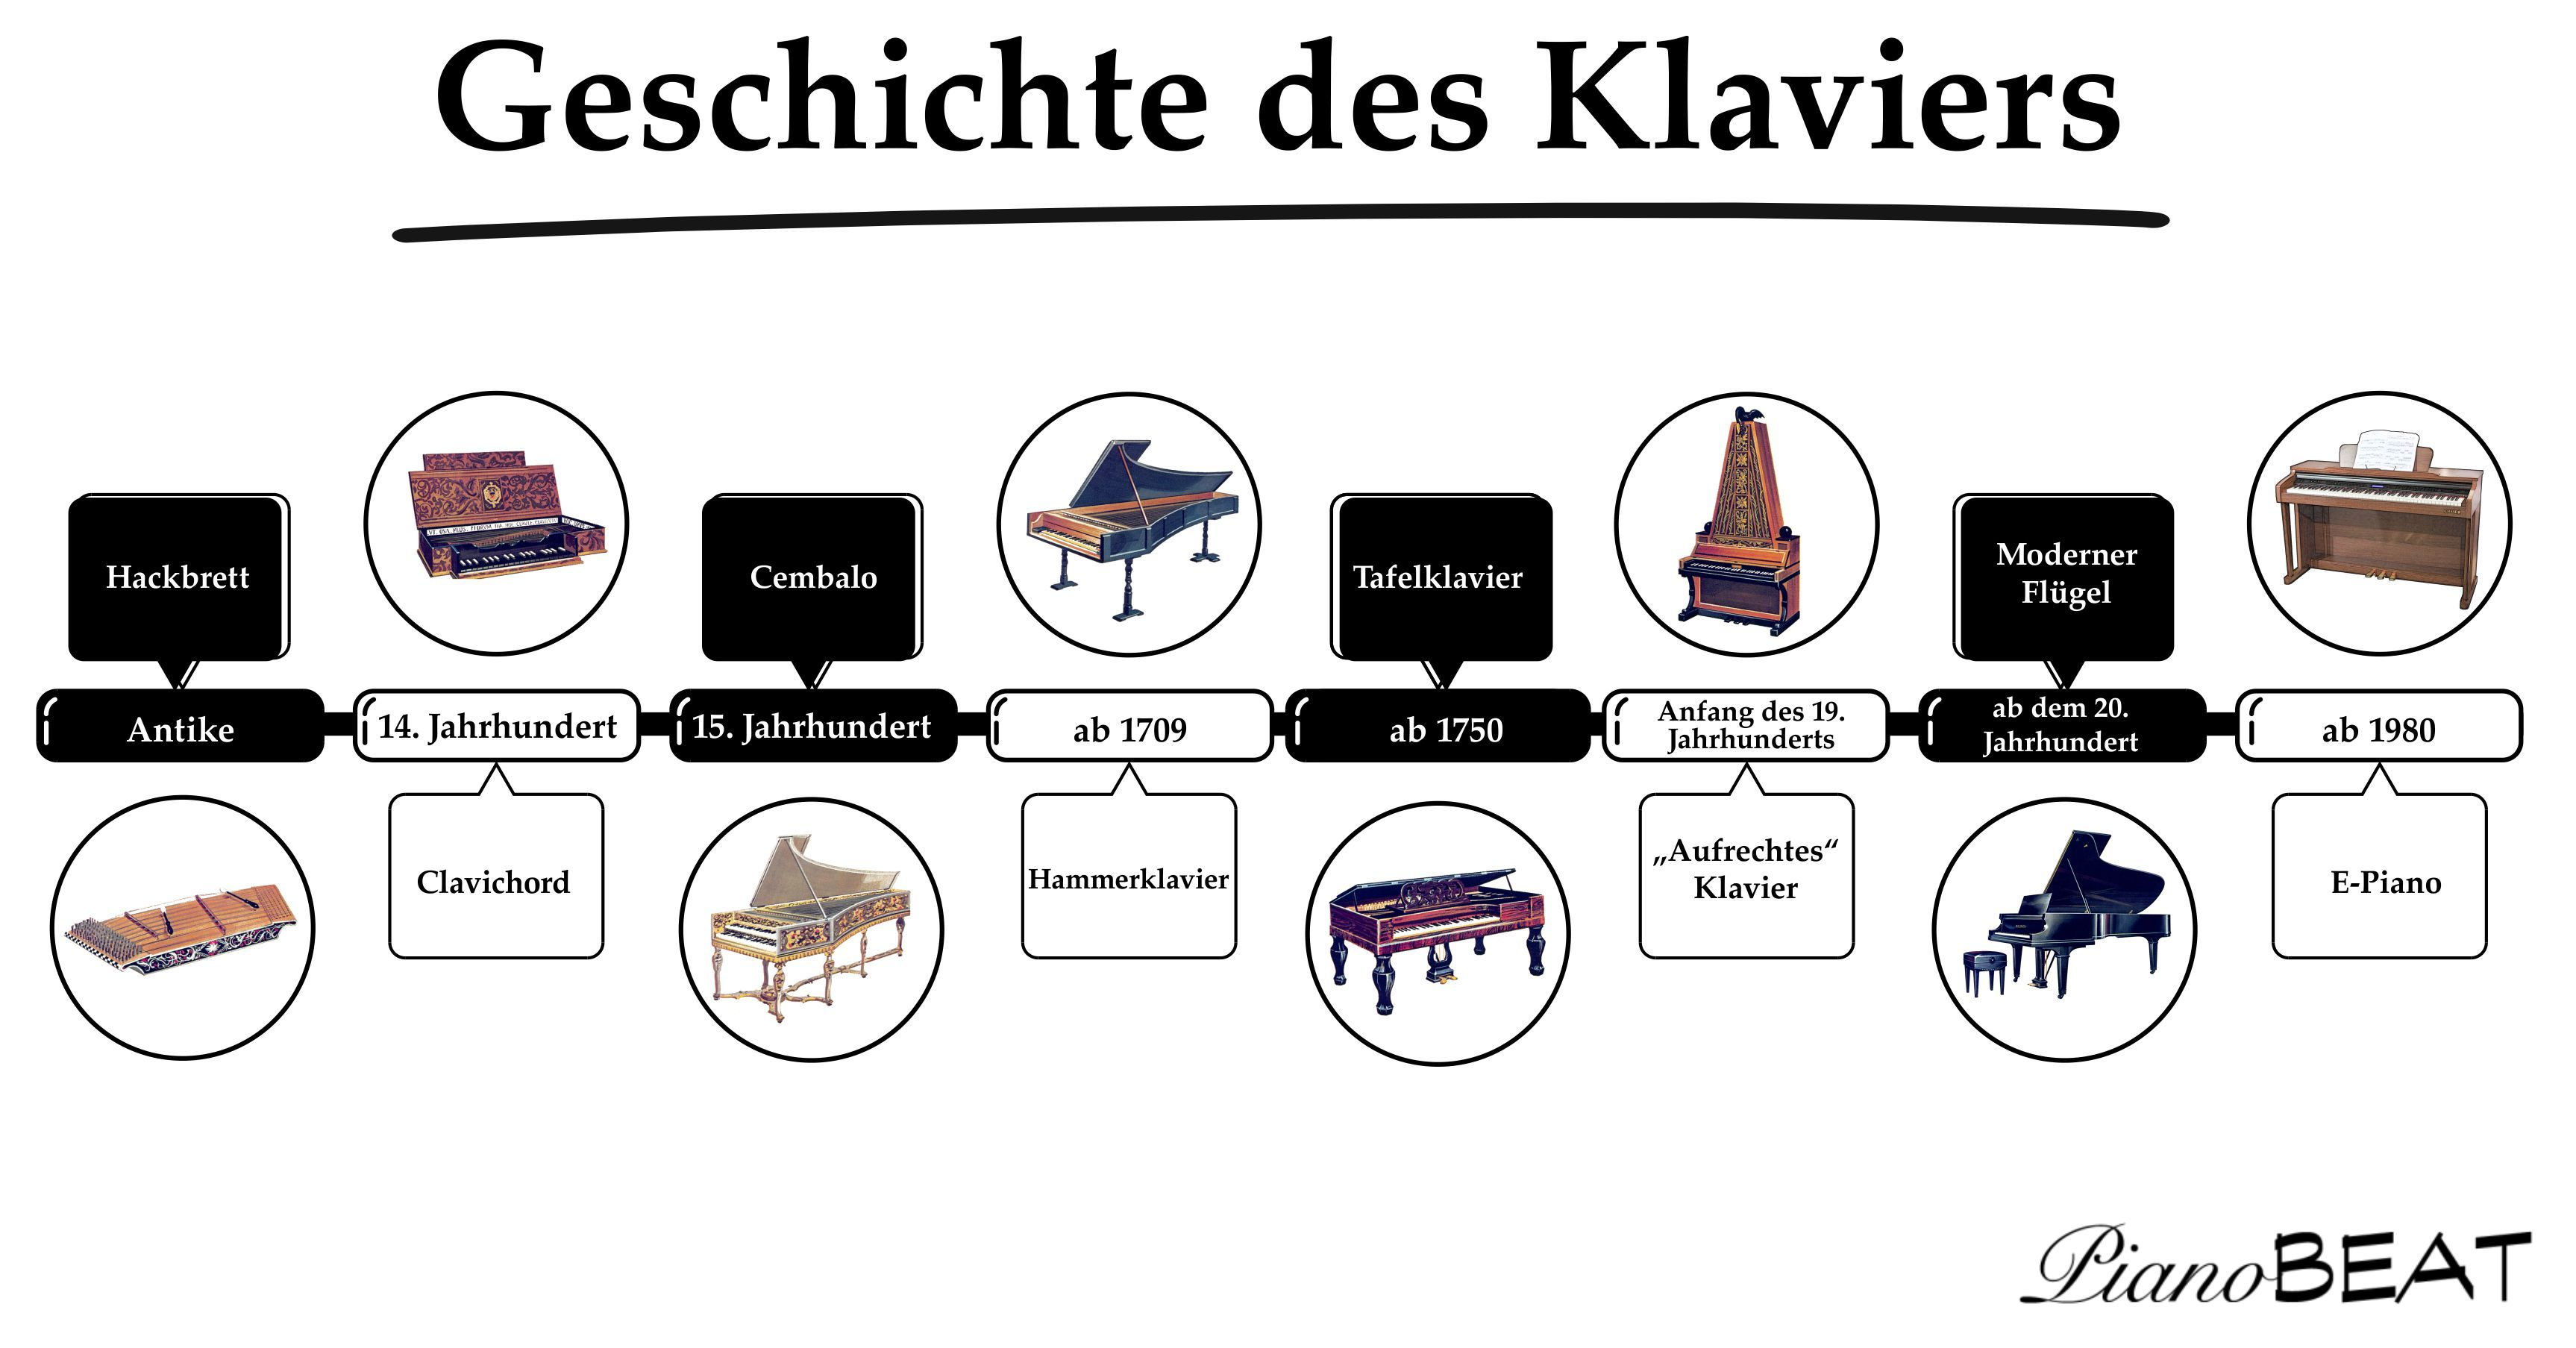 Vom Hackbrett zum E-Piano - die Geschichte des Klaviers